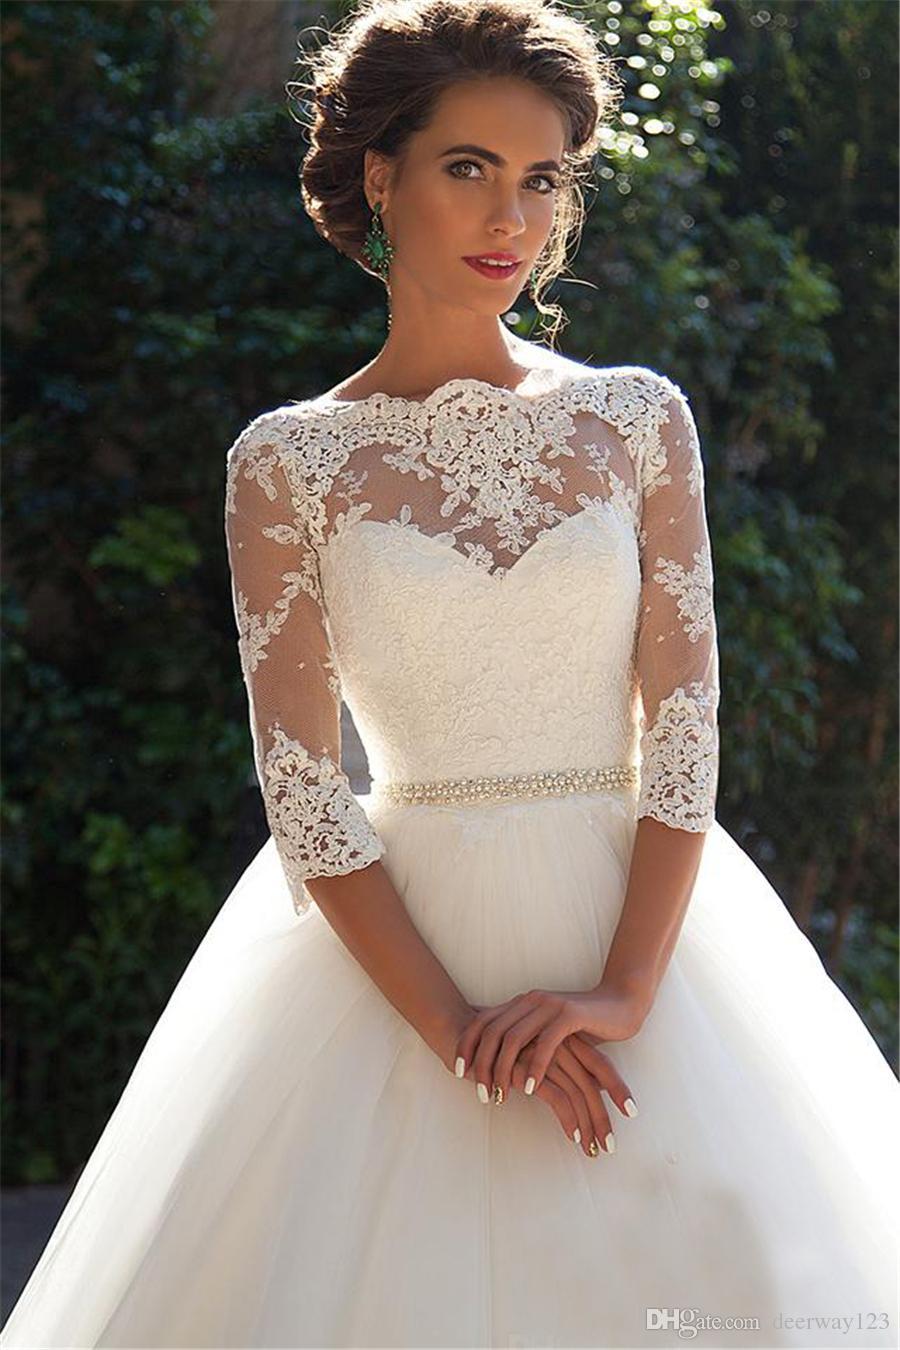 Bateau 3/4 mangas compridas pérolas nupcial Tulle Princesa baratos Bola Vestidos Plus Size País Vintage Lace Millanova 2020 vestidos de casamento